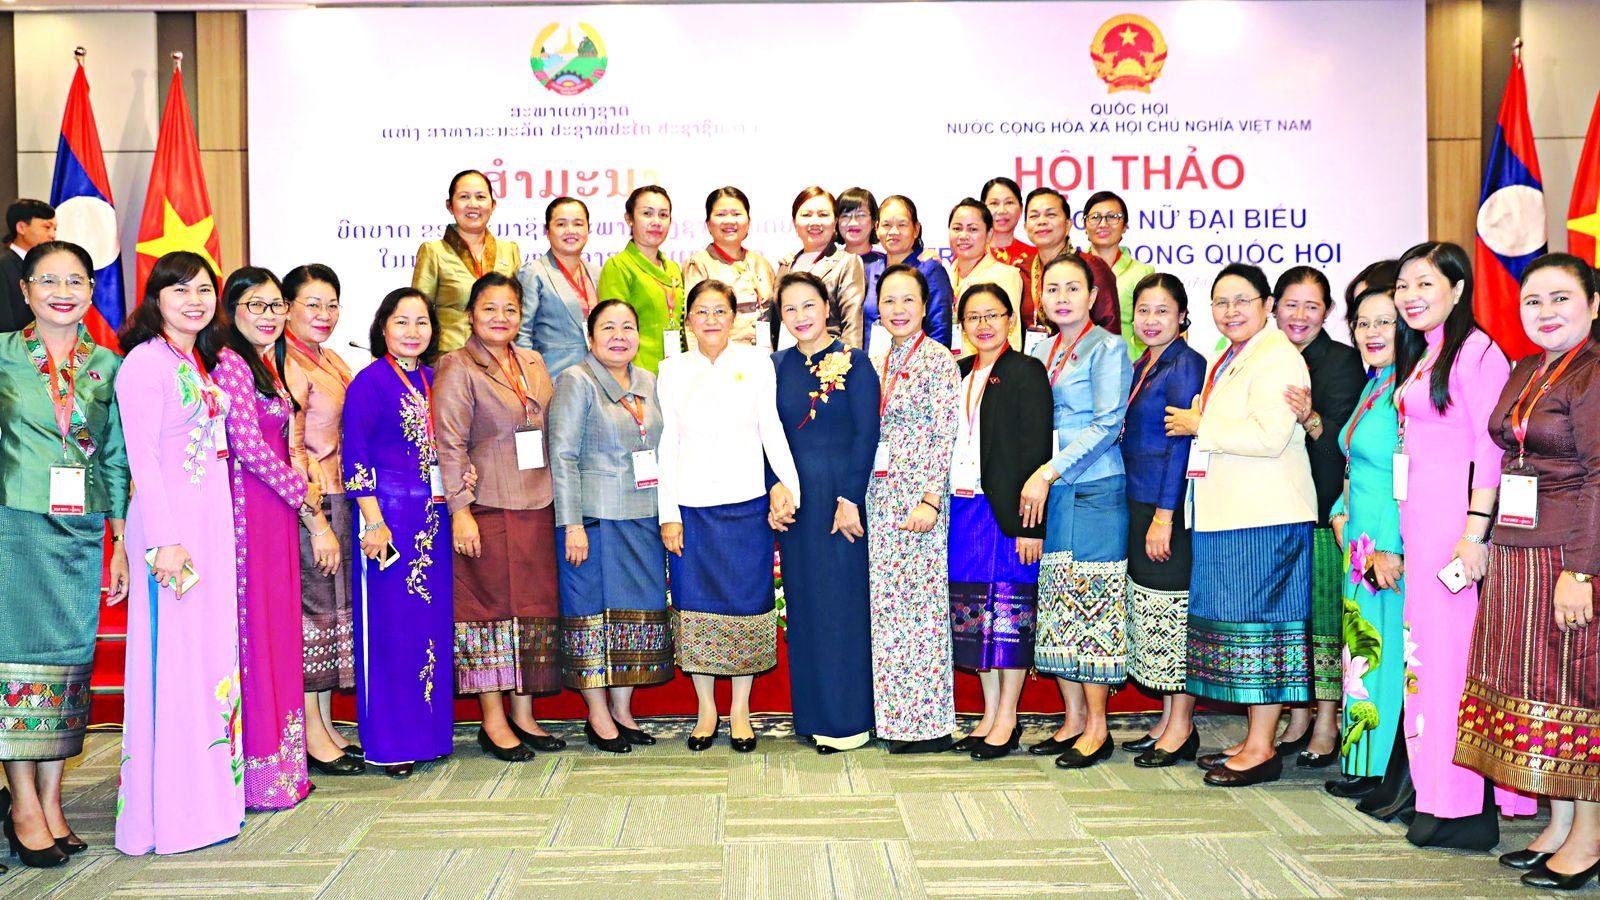 Chủ tịch Quốc hội Nguyễn Thị Kim Ngân và Chủ tịch Quốc hội Lào Pany Yathotou với các đại biểu. Ảnh: Trọng Đức - TTXVN